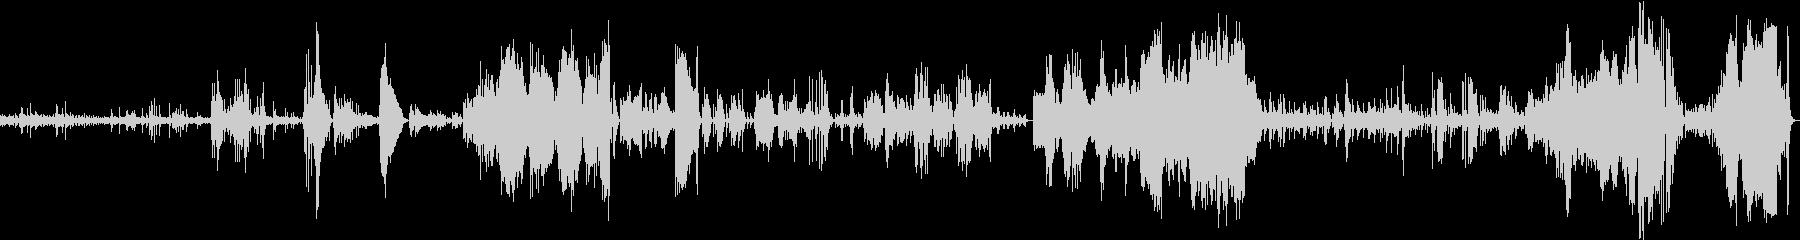 モーリス・ラヴェルの曲のピアノアレンジの未再生の波形